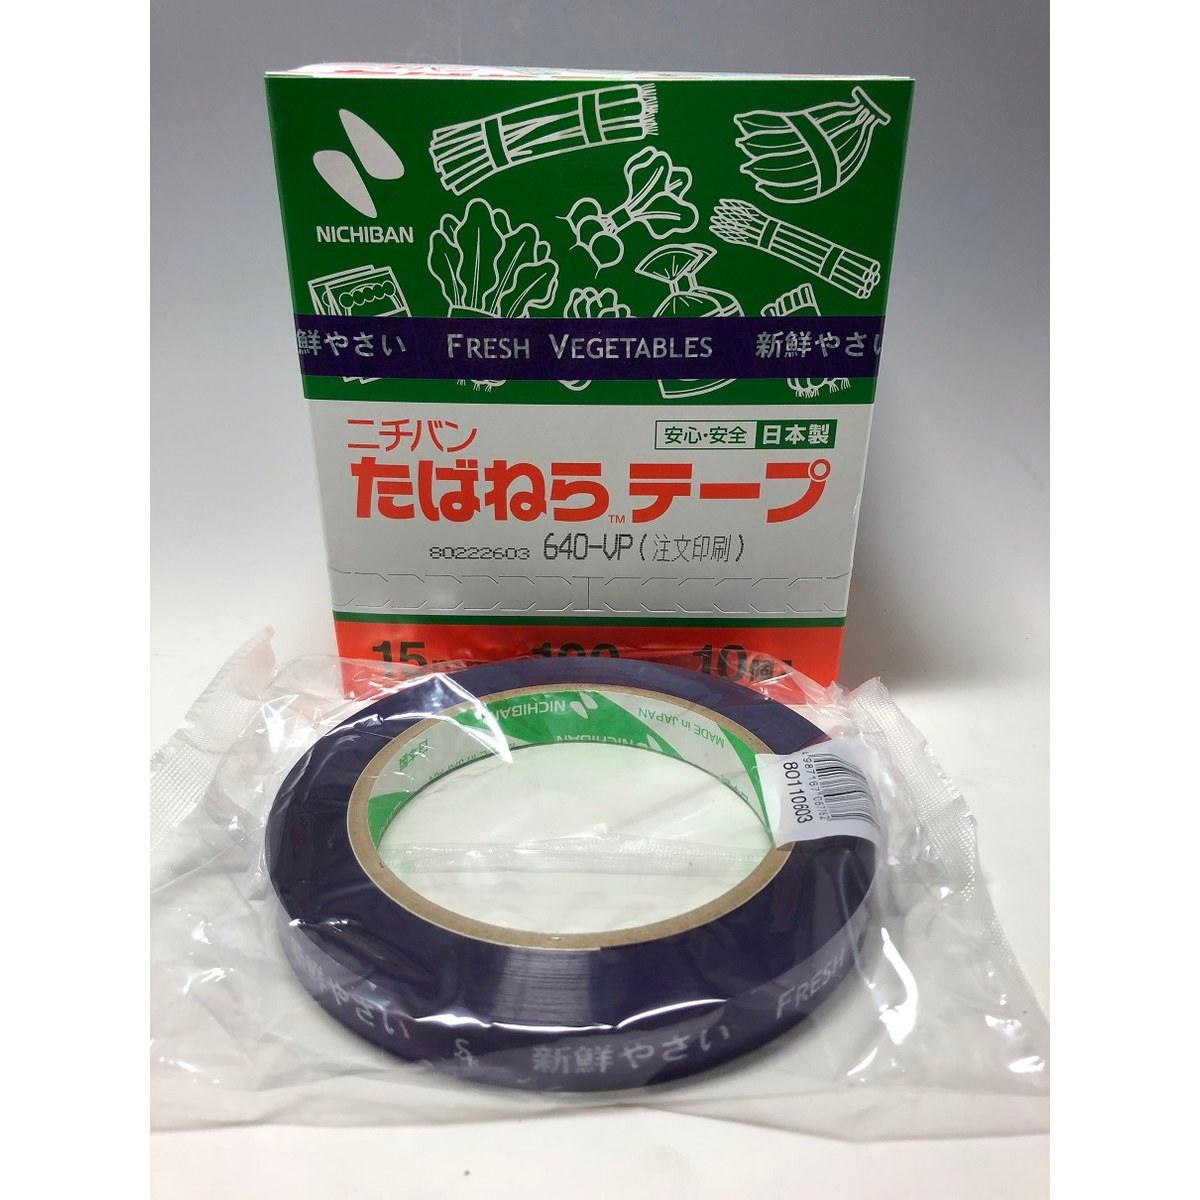 ニチバン たばねらテープ新鮮野菜 紫 15mm×100m 640-VP ケース販売 160個